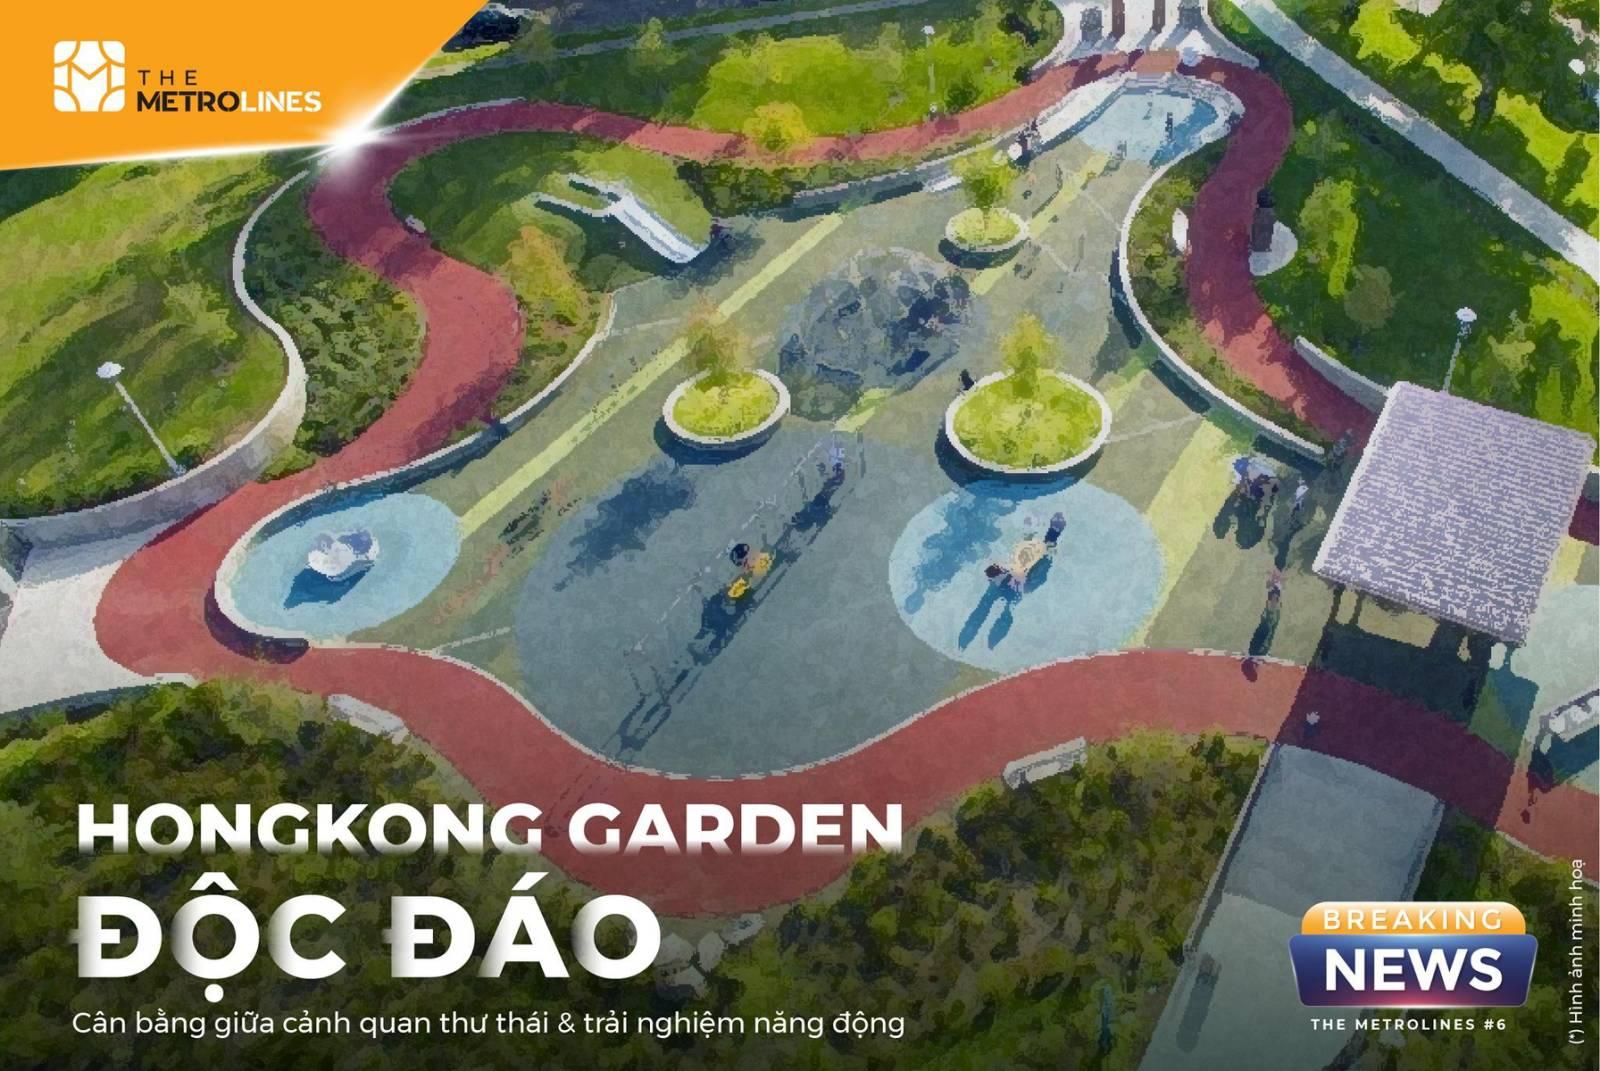 Phân khu Victoria mang đậm phong cách Hồng Kông